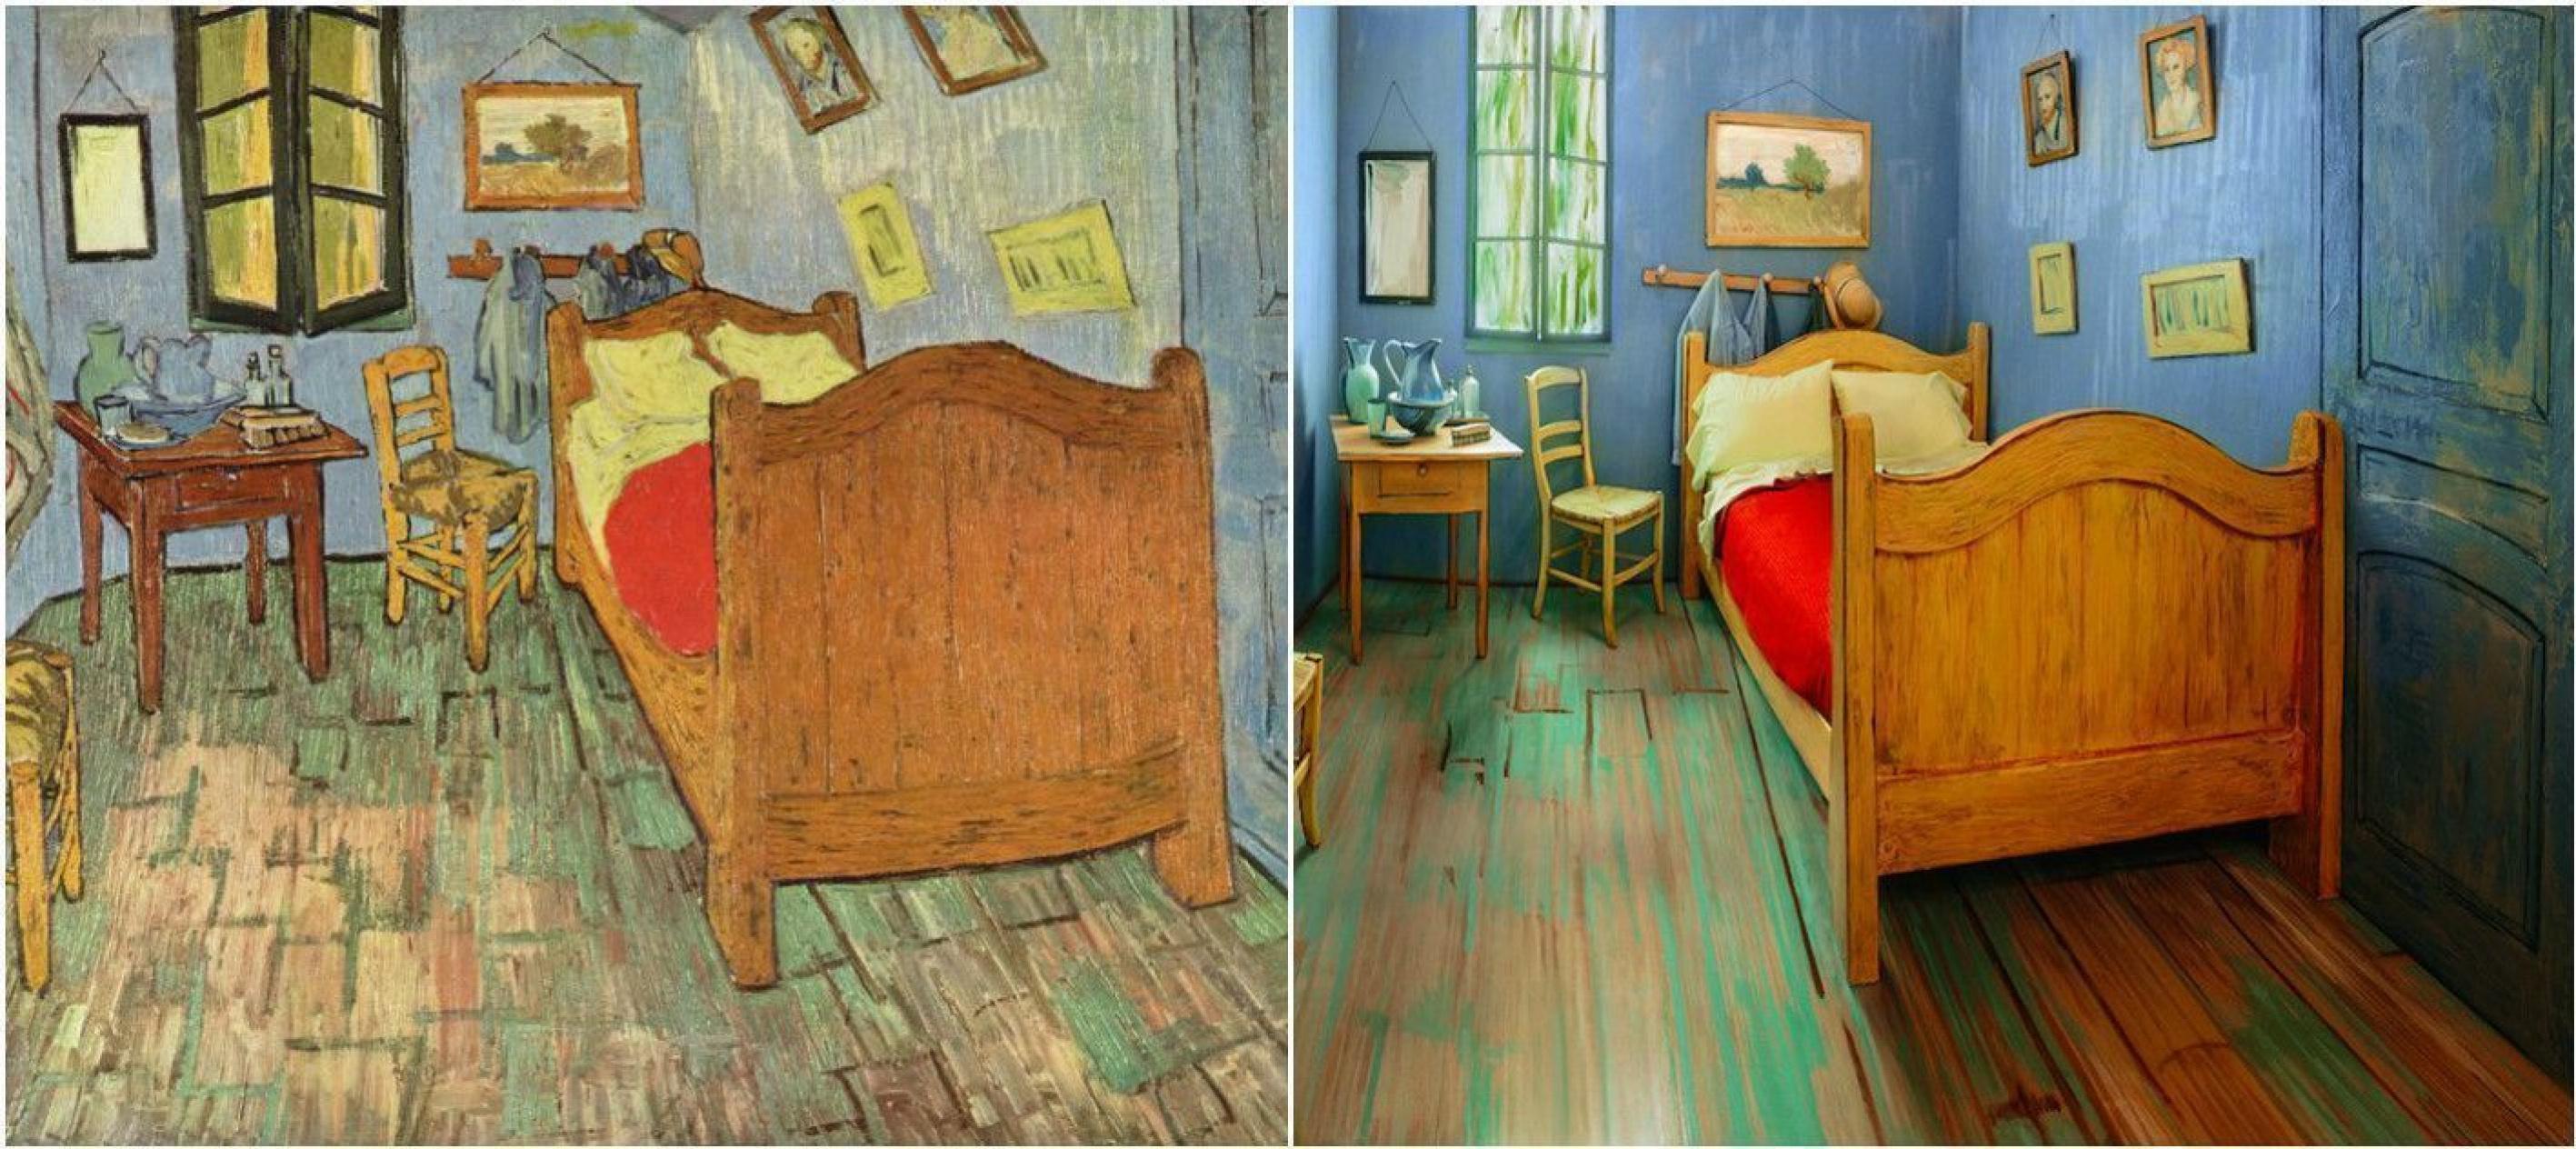 В Чикаго воссоздана спальня Ван Гога, в которой можно пожить